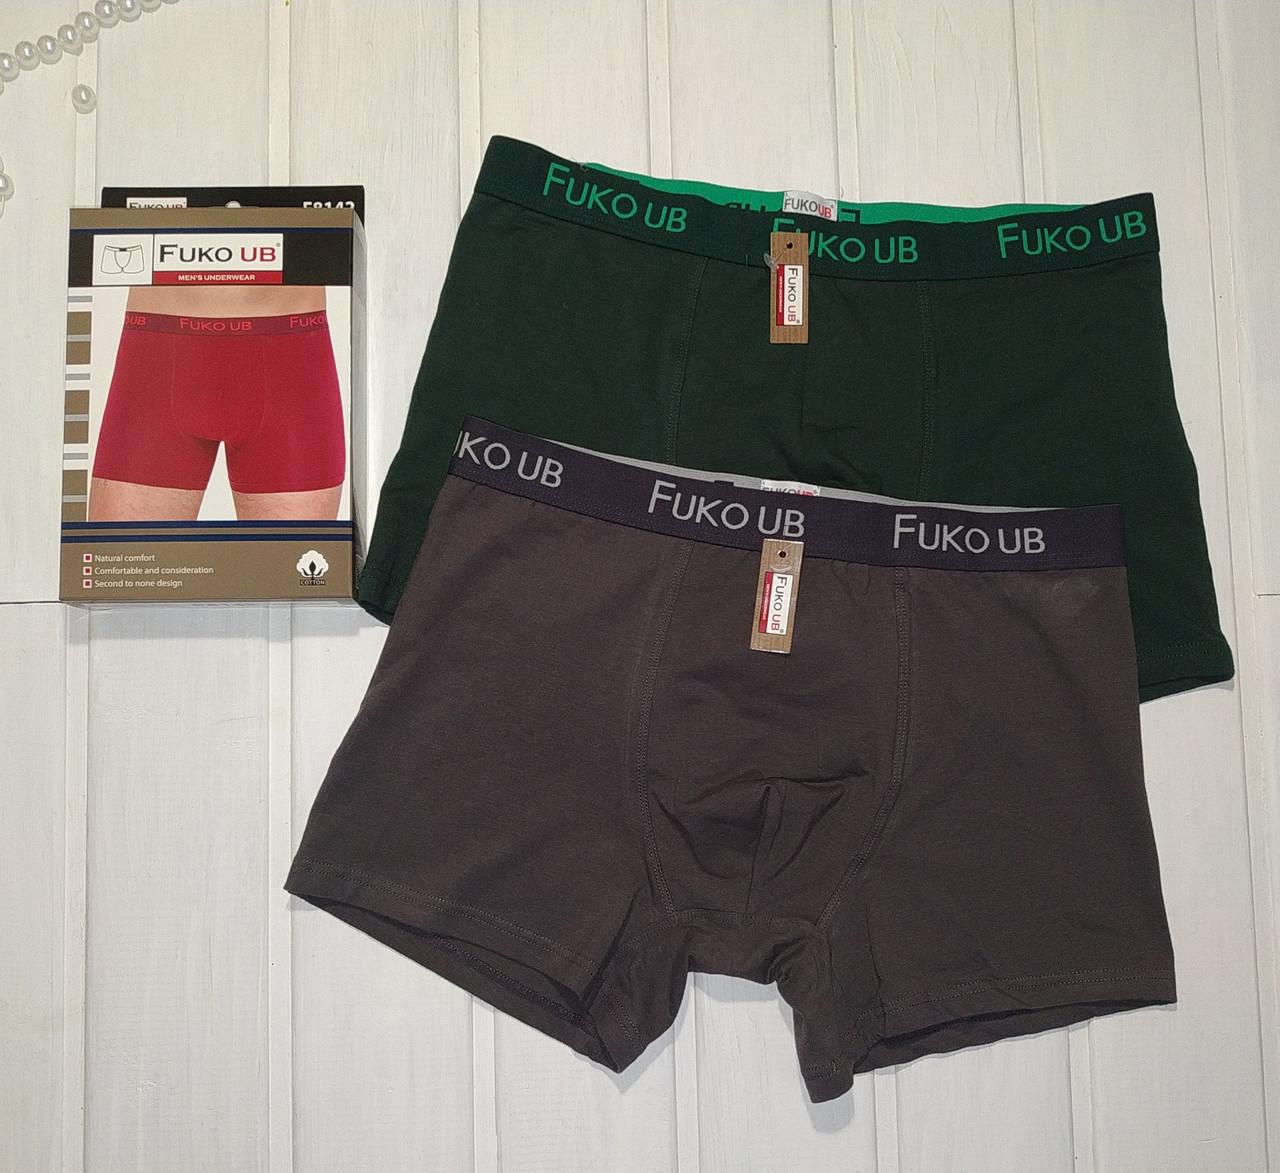 Мужские трусы шорты Fuko Ub хлопковые в упаковке 2 шт  Размер XL